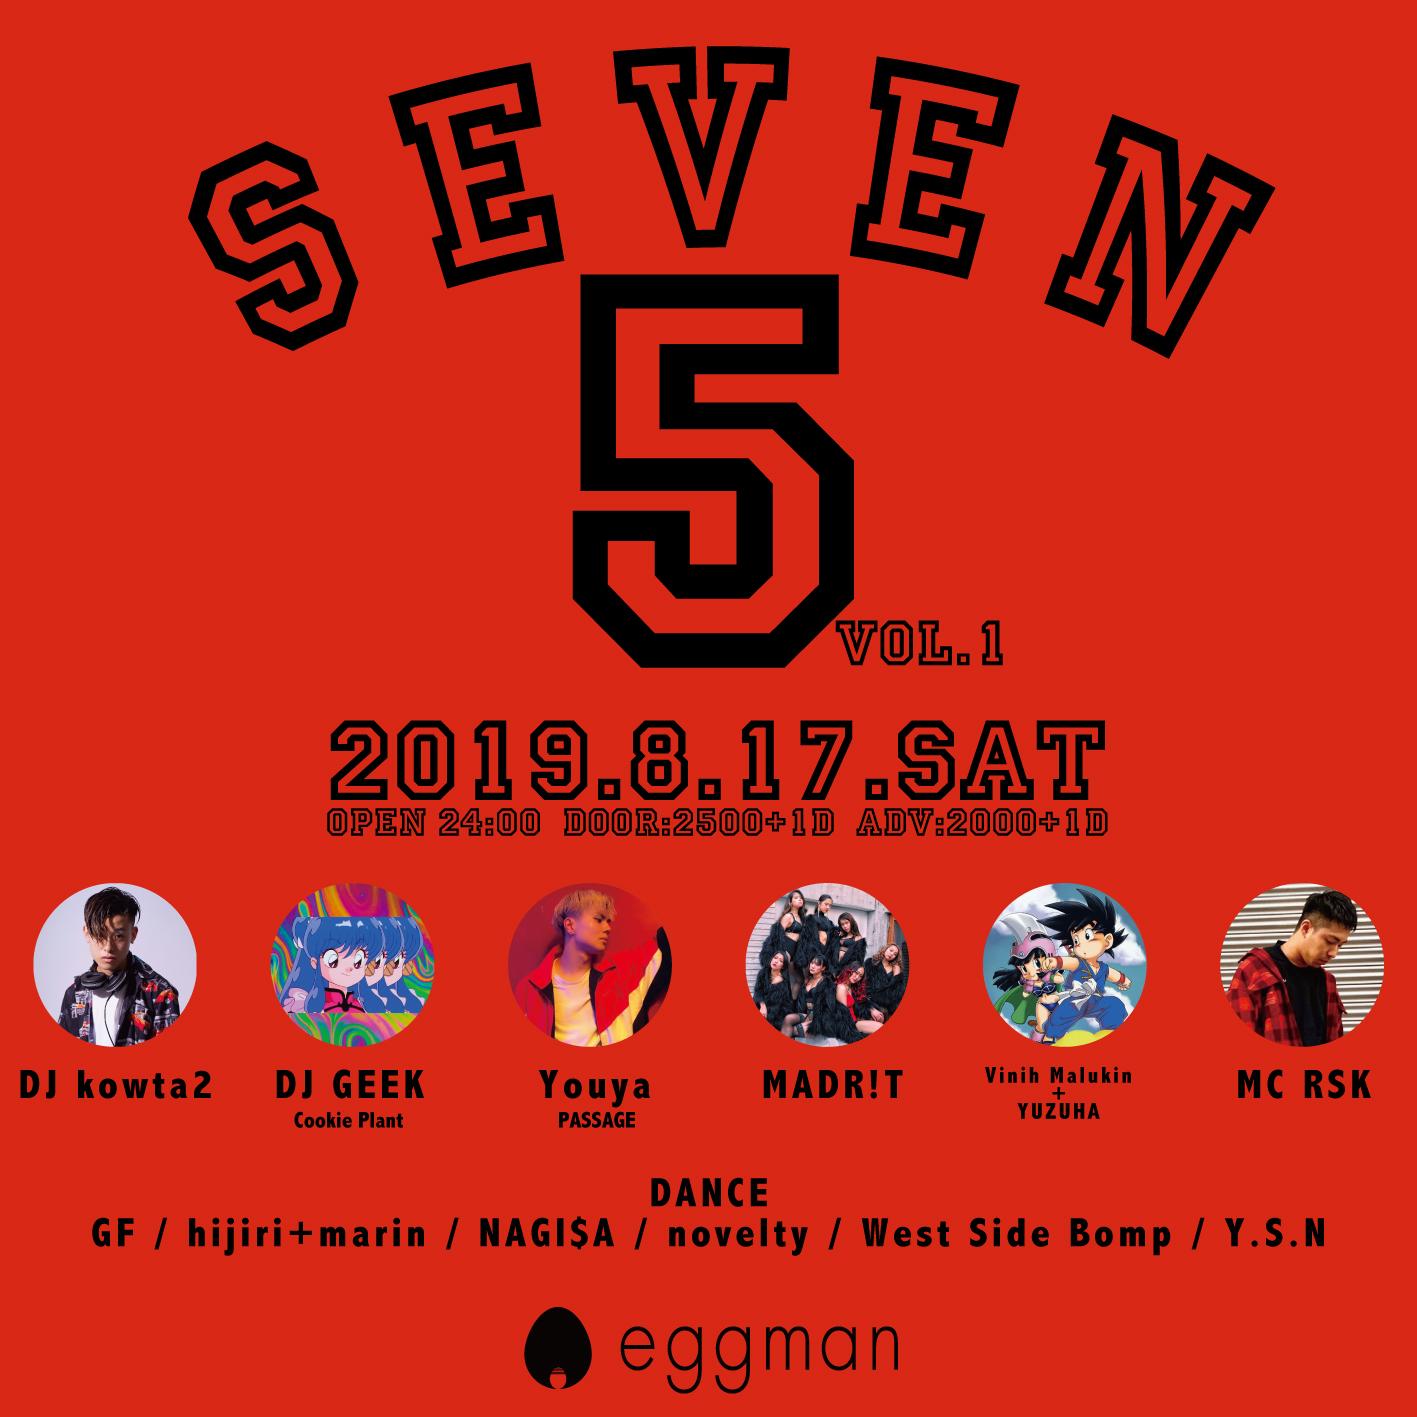 Seven.5 Vol.1